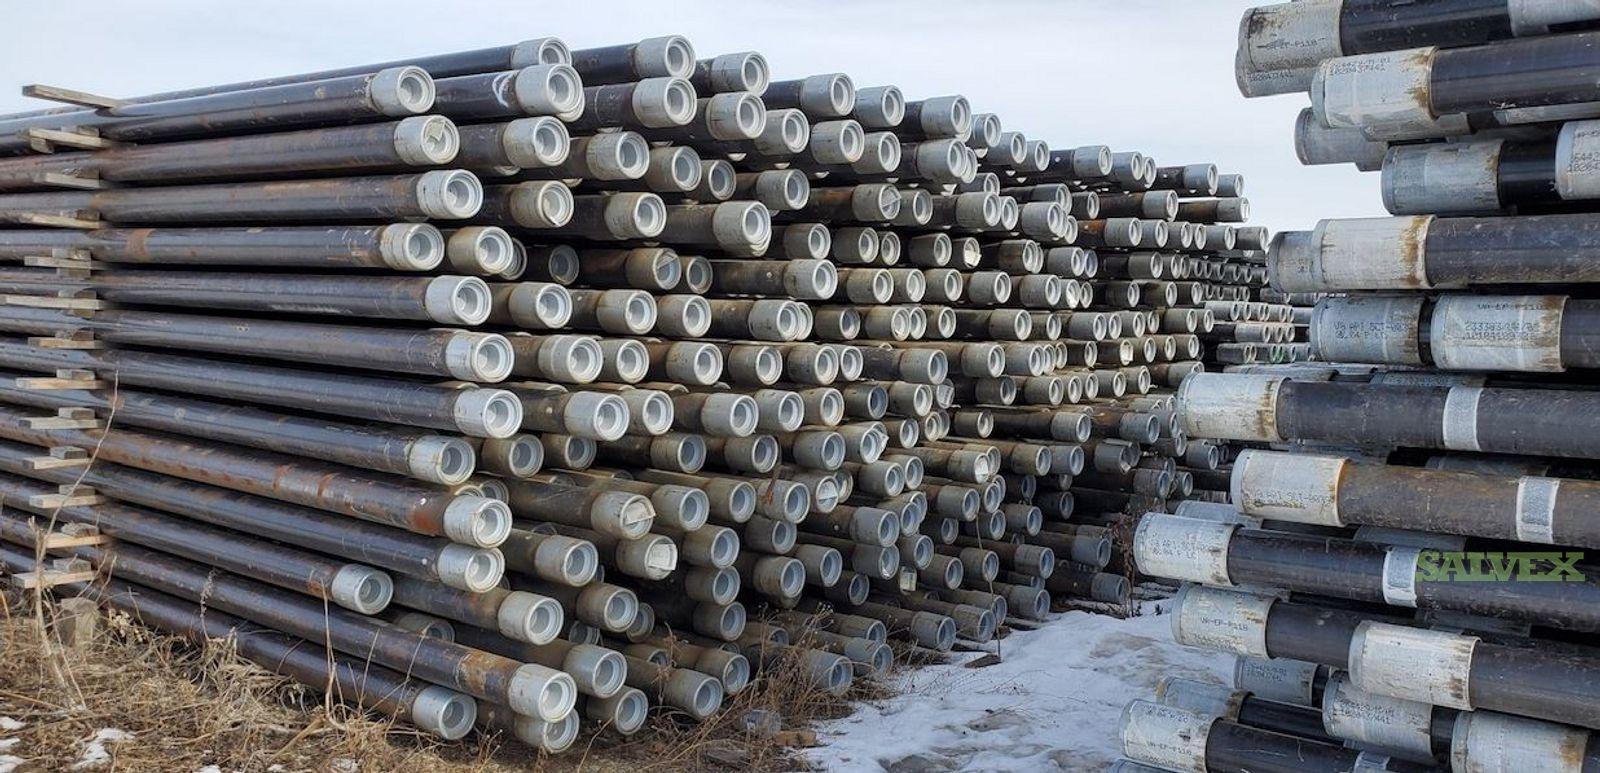 5 1/2 20# P110 VA Roughneck SMLS R3 Surplus Casing (80,424 Feet / 730 Metric Tons)